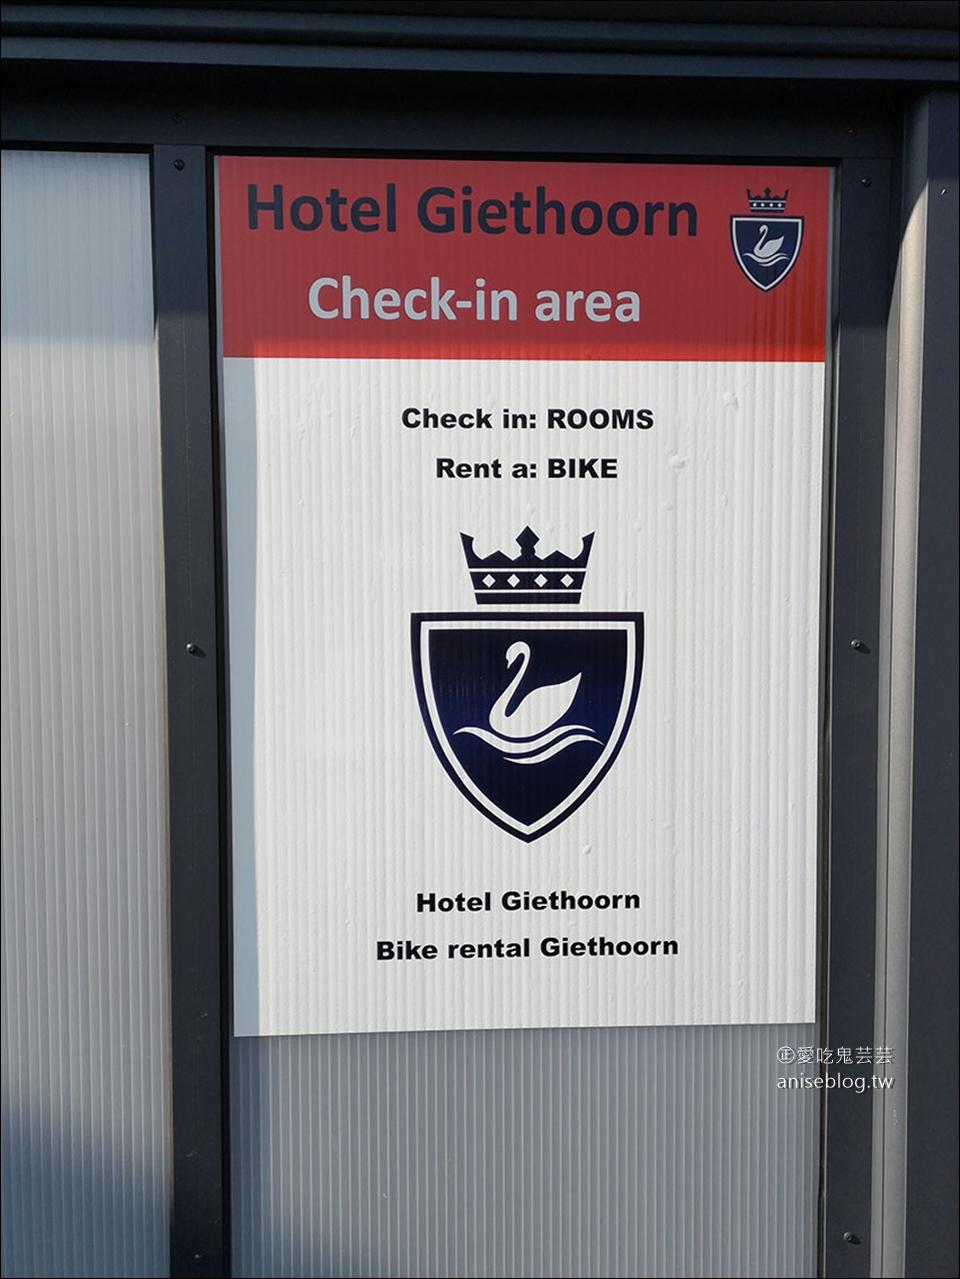 羊角村住宿推薦 | 羊角村酒店 (Hotel Giethoorn)